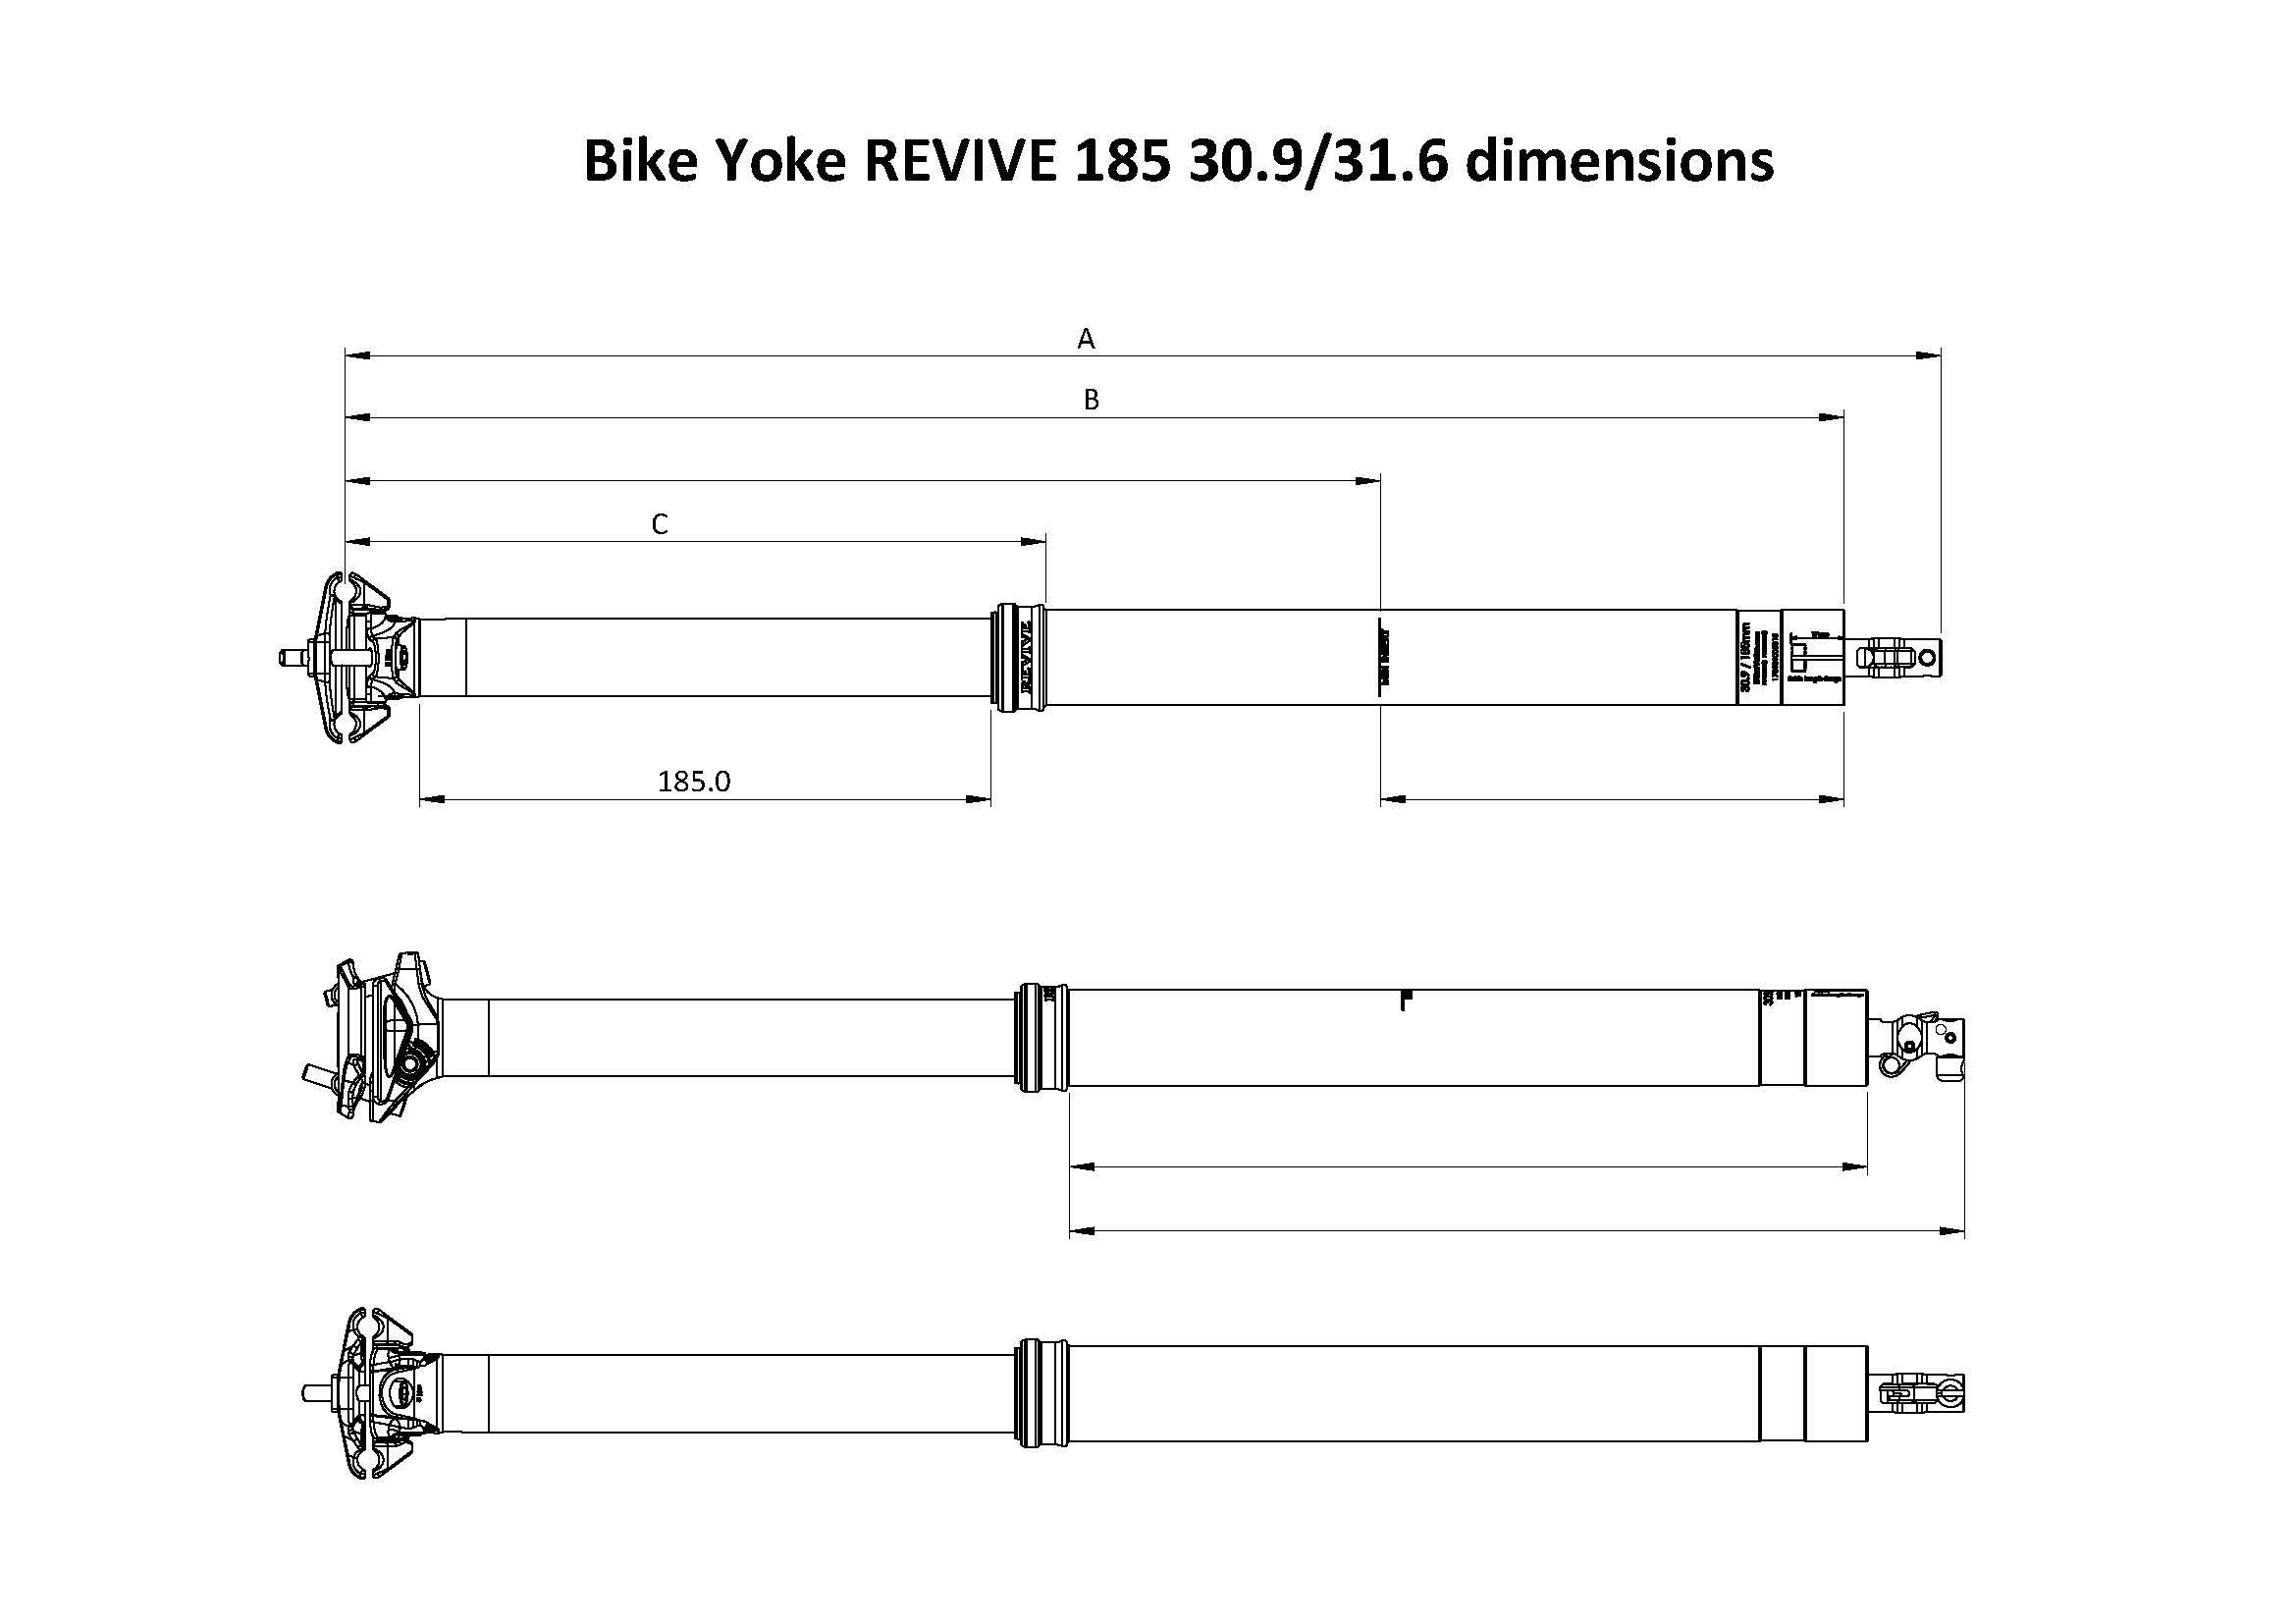 reVive-185.jpg